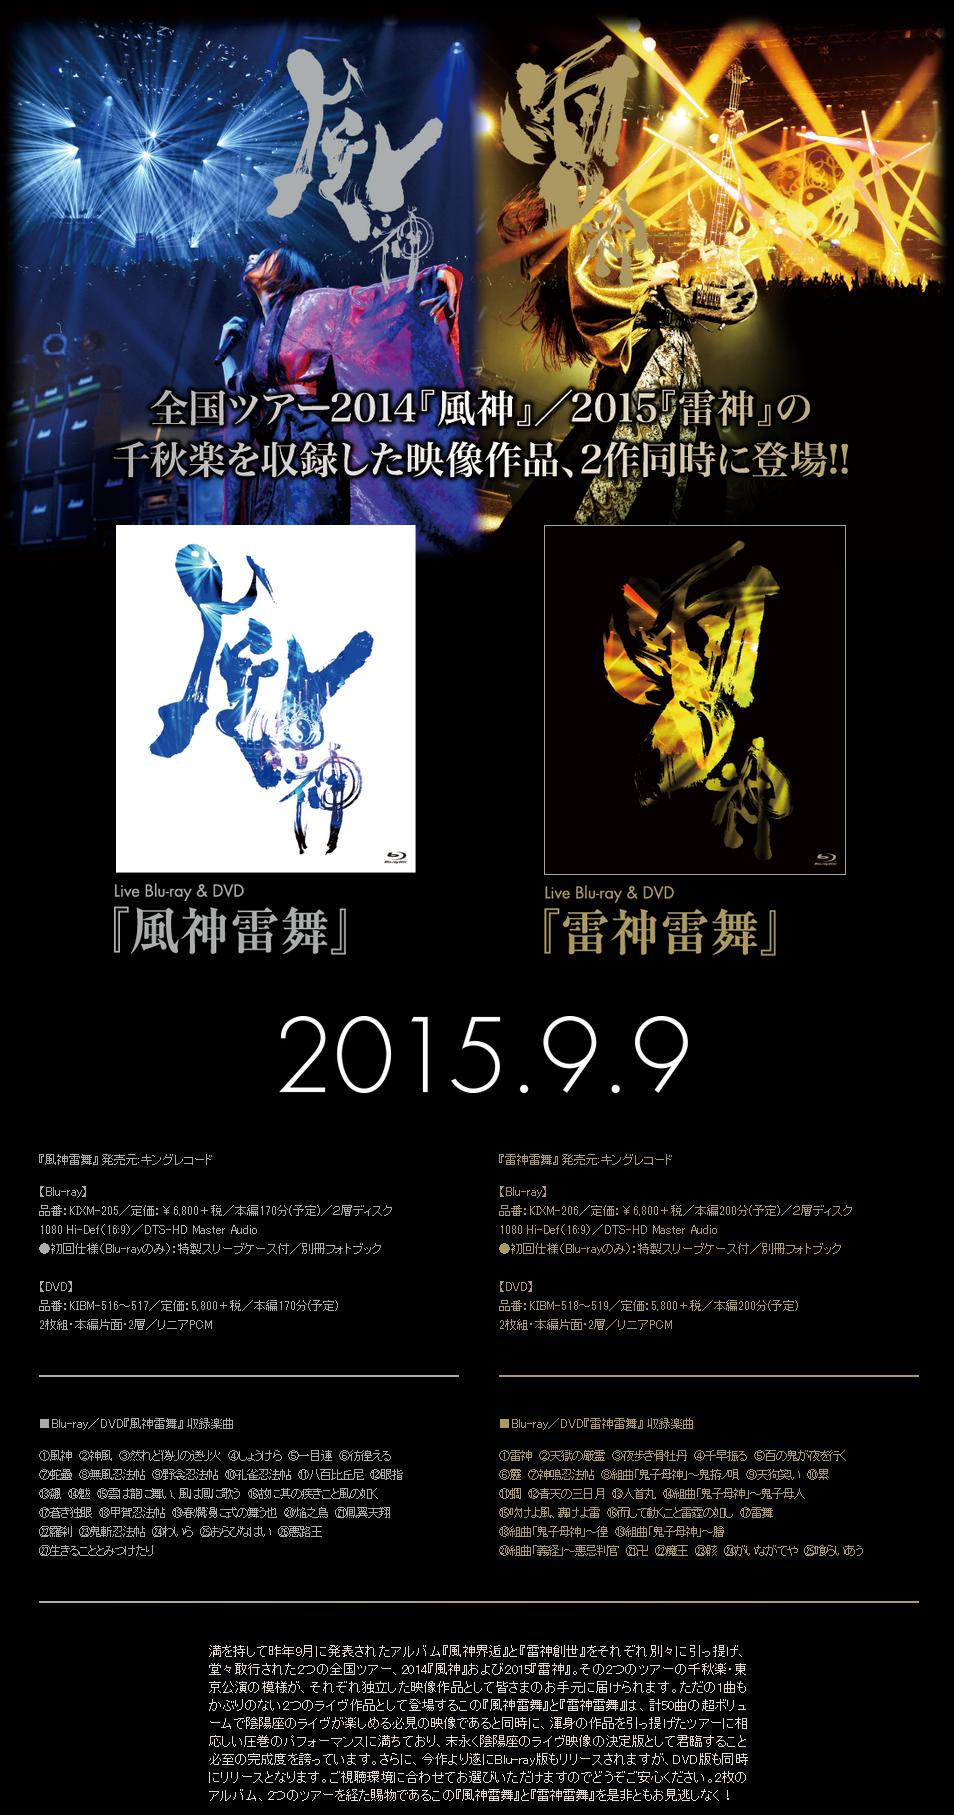 陰陽座(음양좌) 전국투어 2014 『風神雷舞』/ 2015 『..